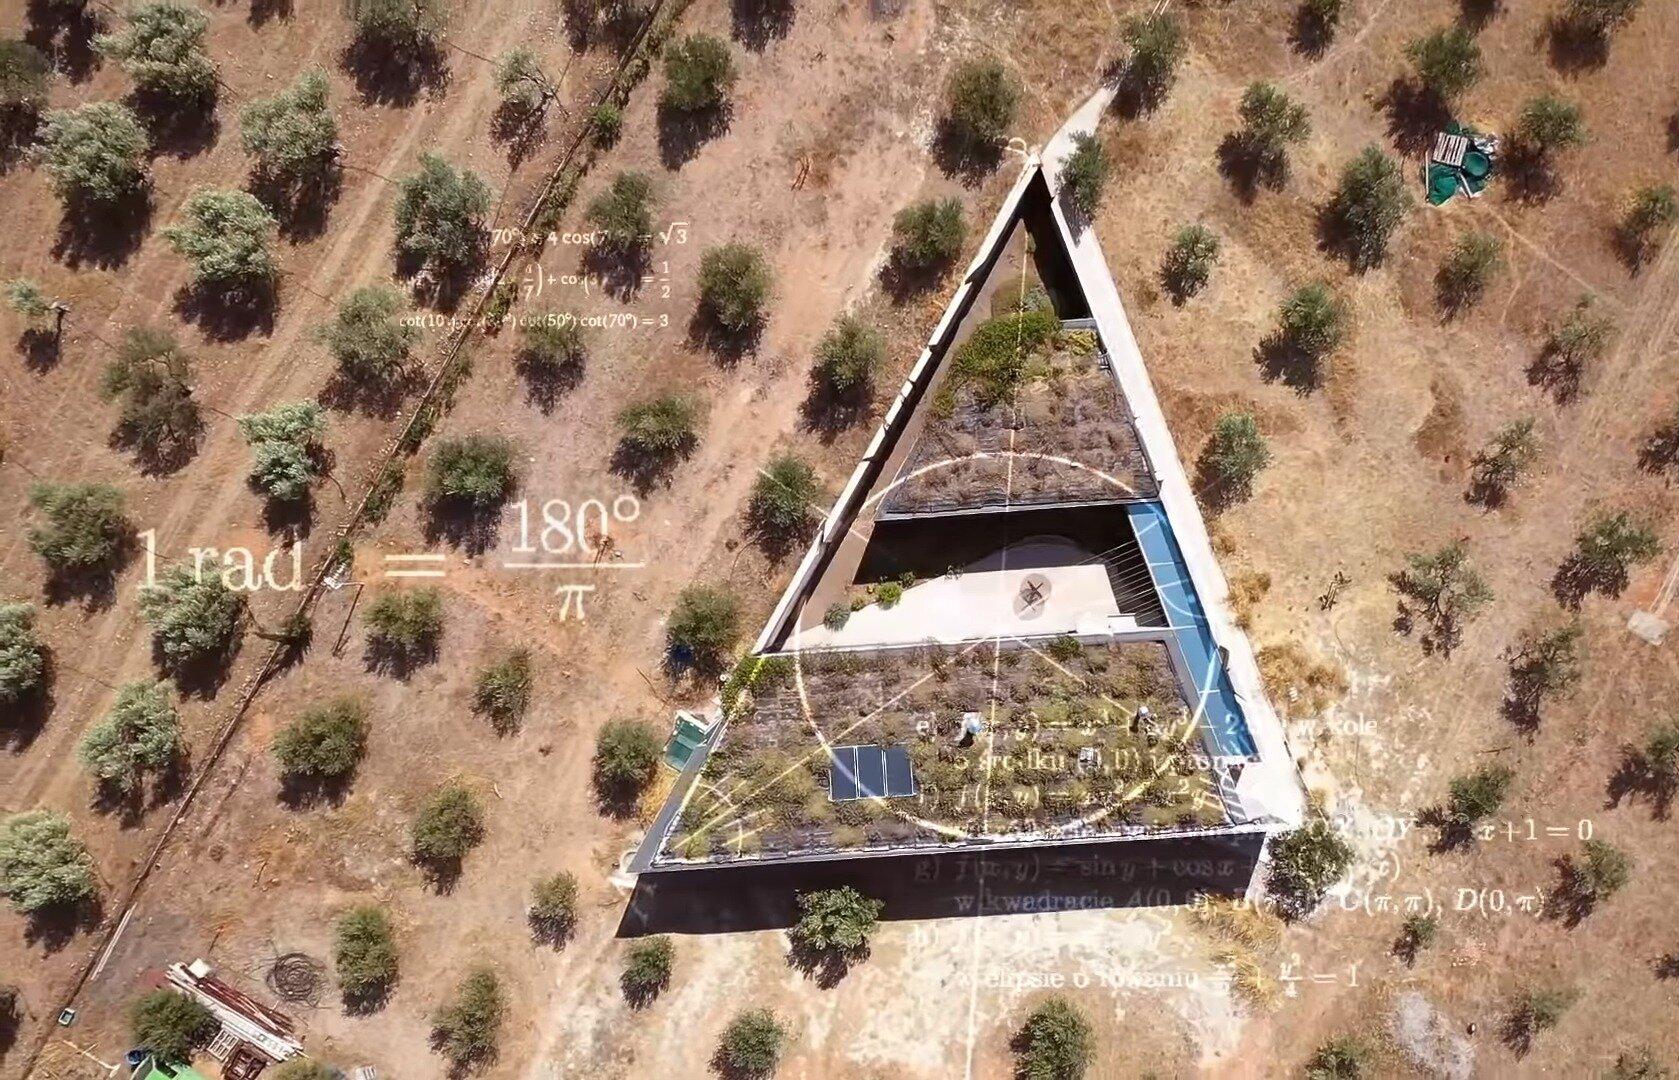 Δείτε το Τρίγωνο Σπίτι που στηρίζεται στο Πυθαγόρειο θεώρημα!